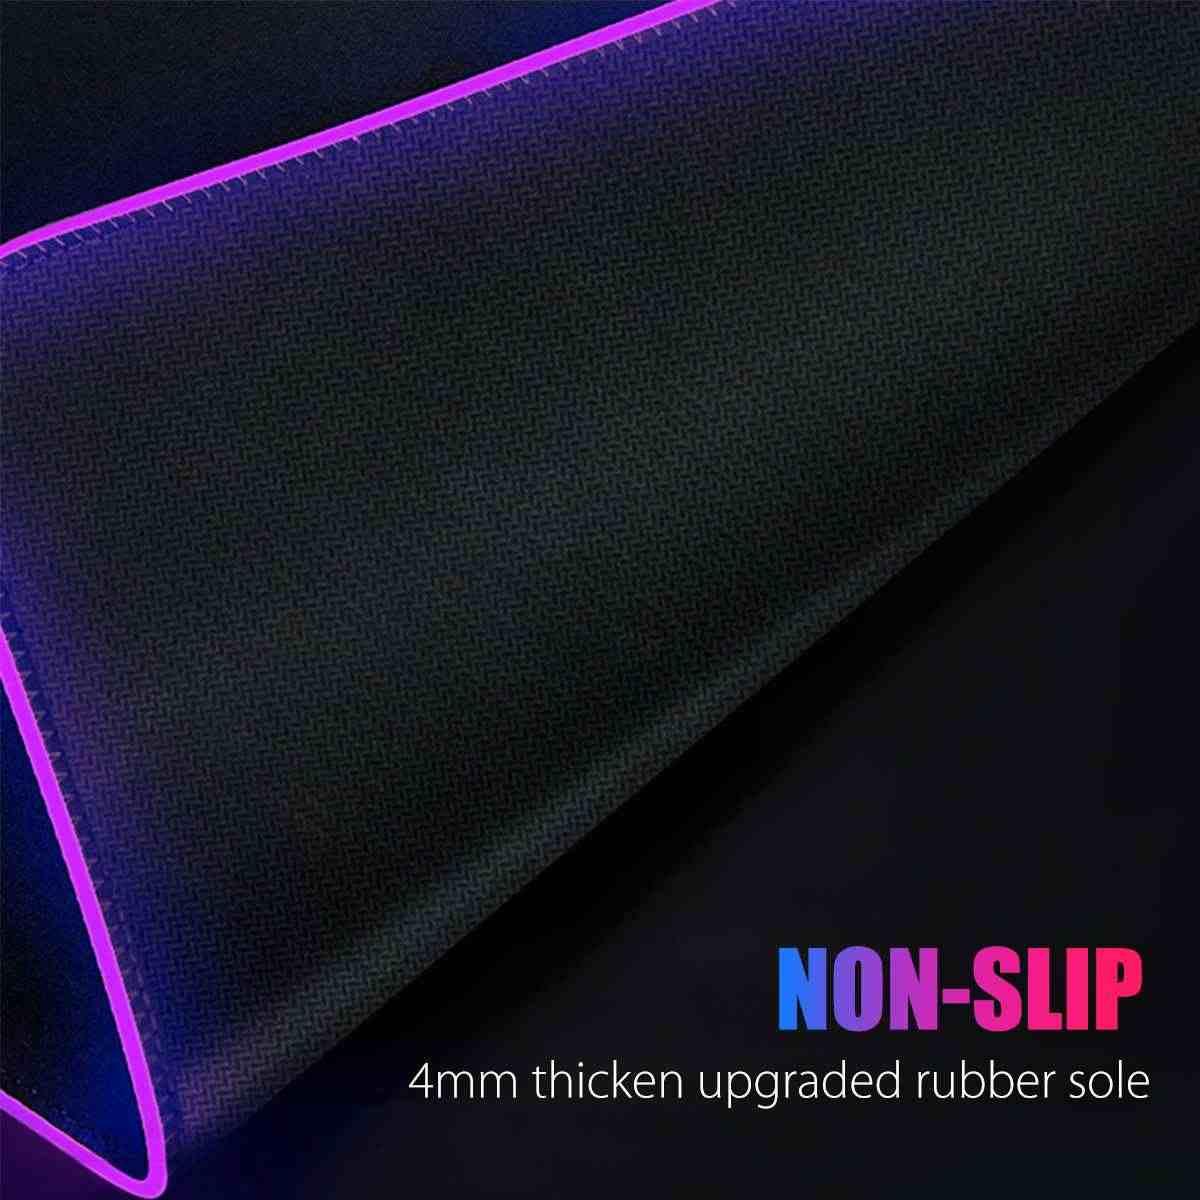 RGB Gaming tapis de souris Gamer ordinateur LED éclairage USB grande carte du monde tapis de souris coloré antidérapant tapis de bureau tapis de souris